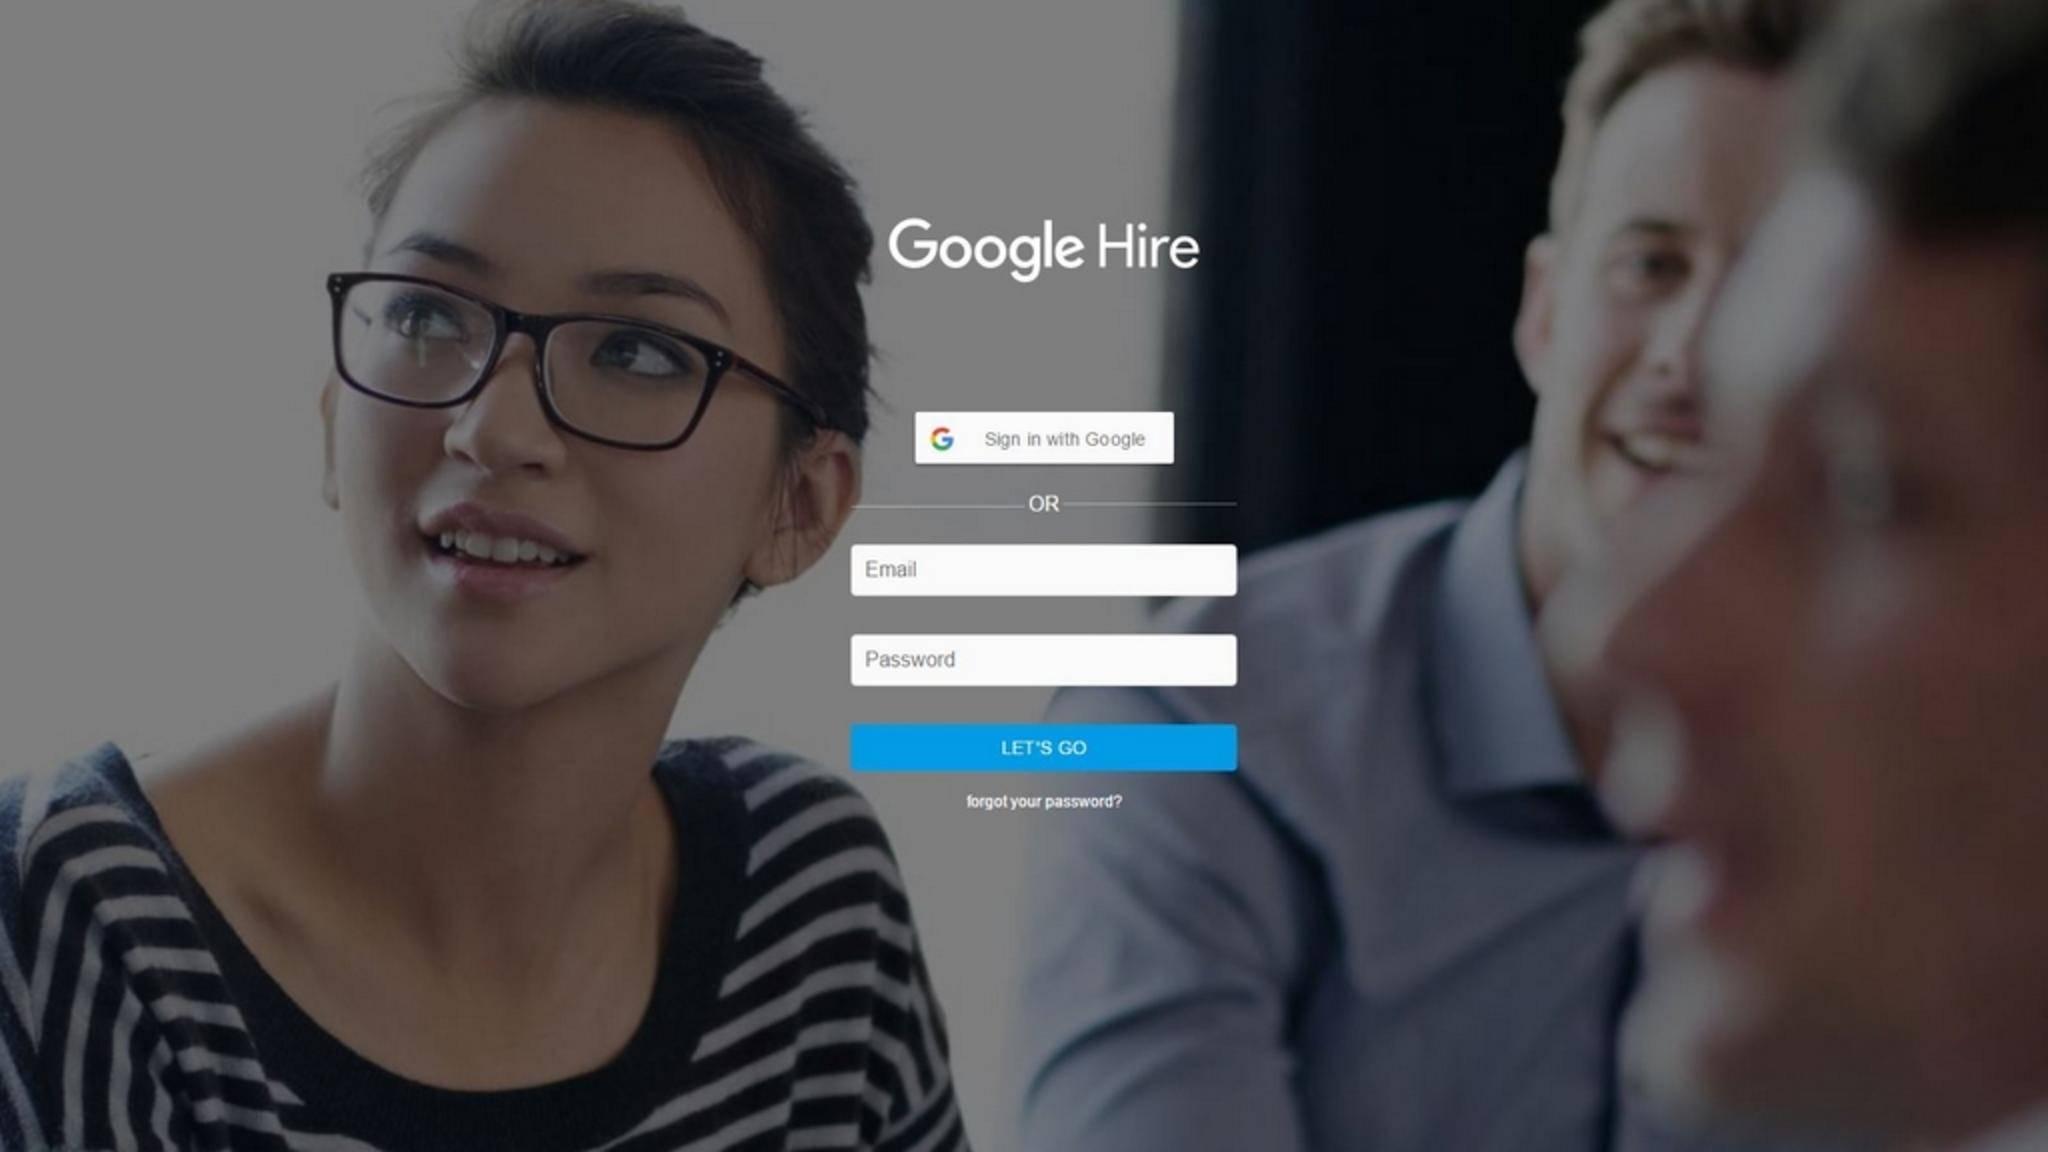 Google Hire soll ein neues Portal zur Jobsuche werden.